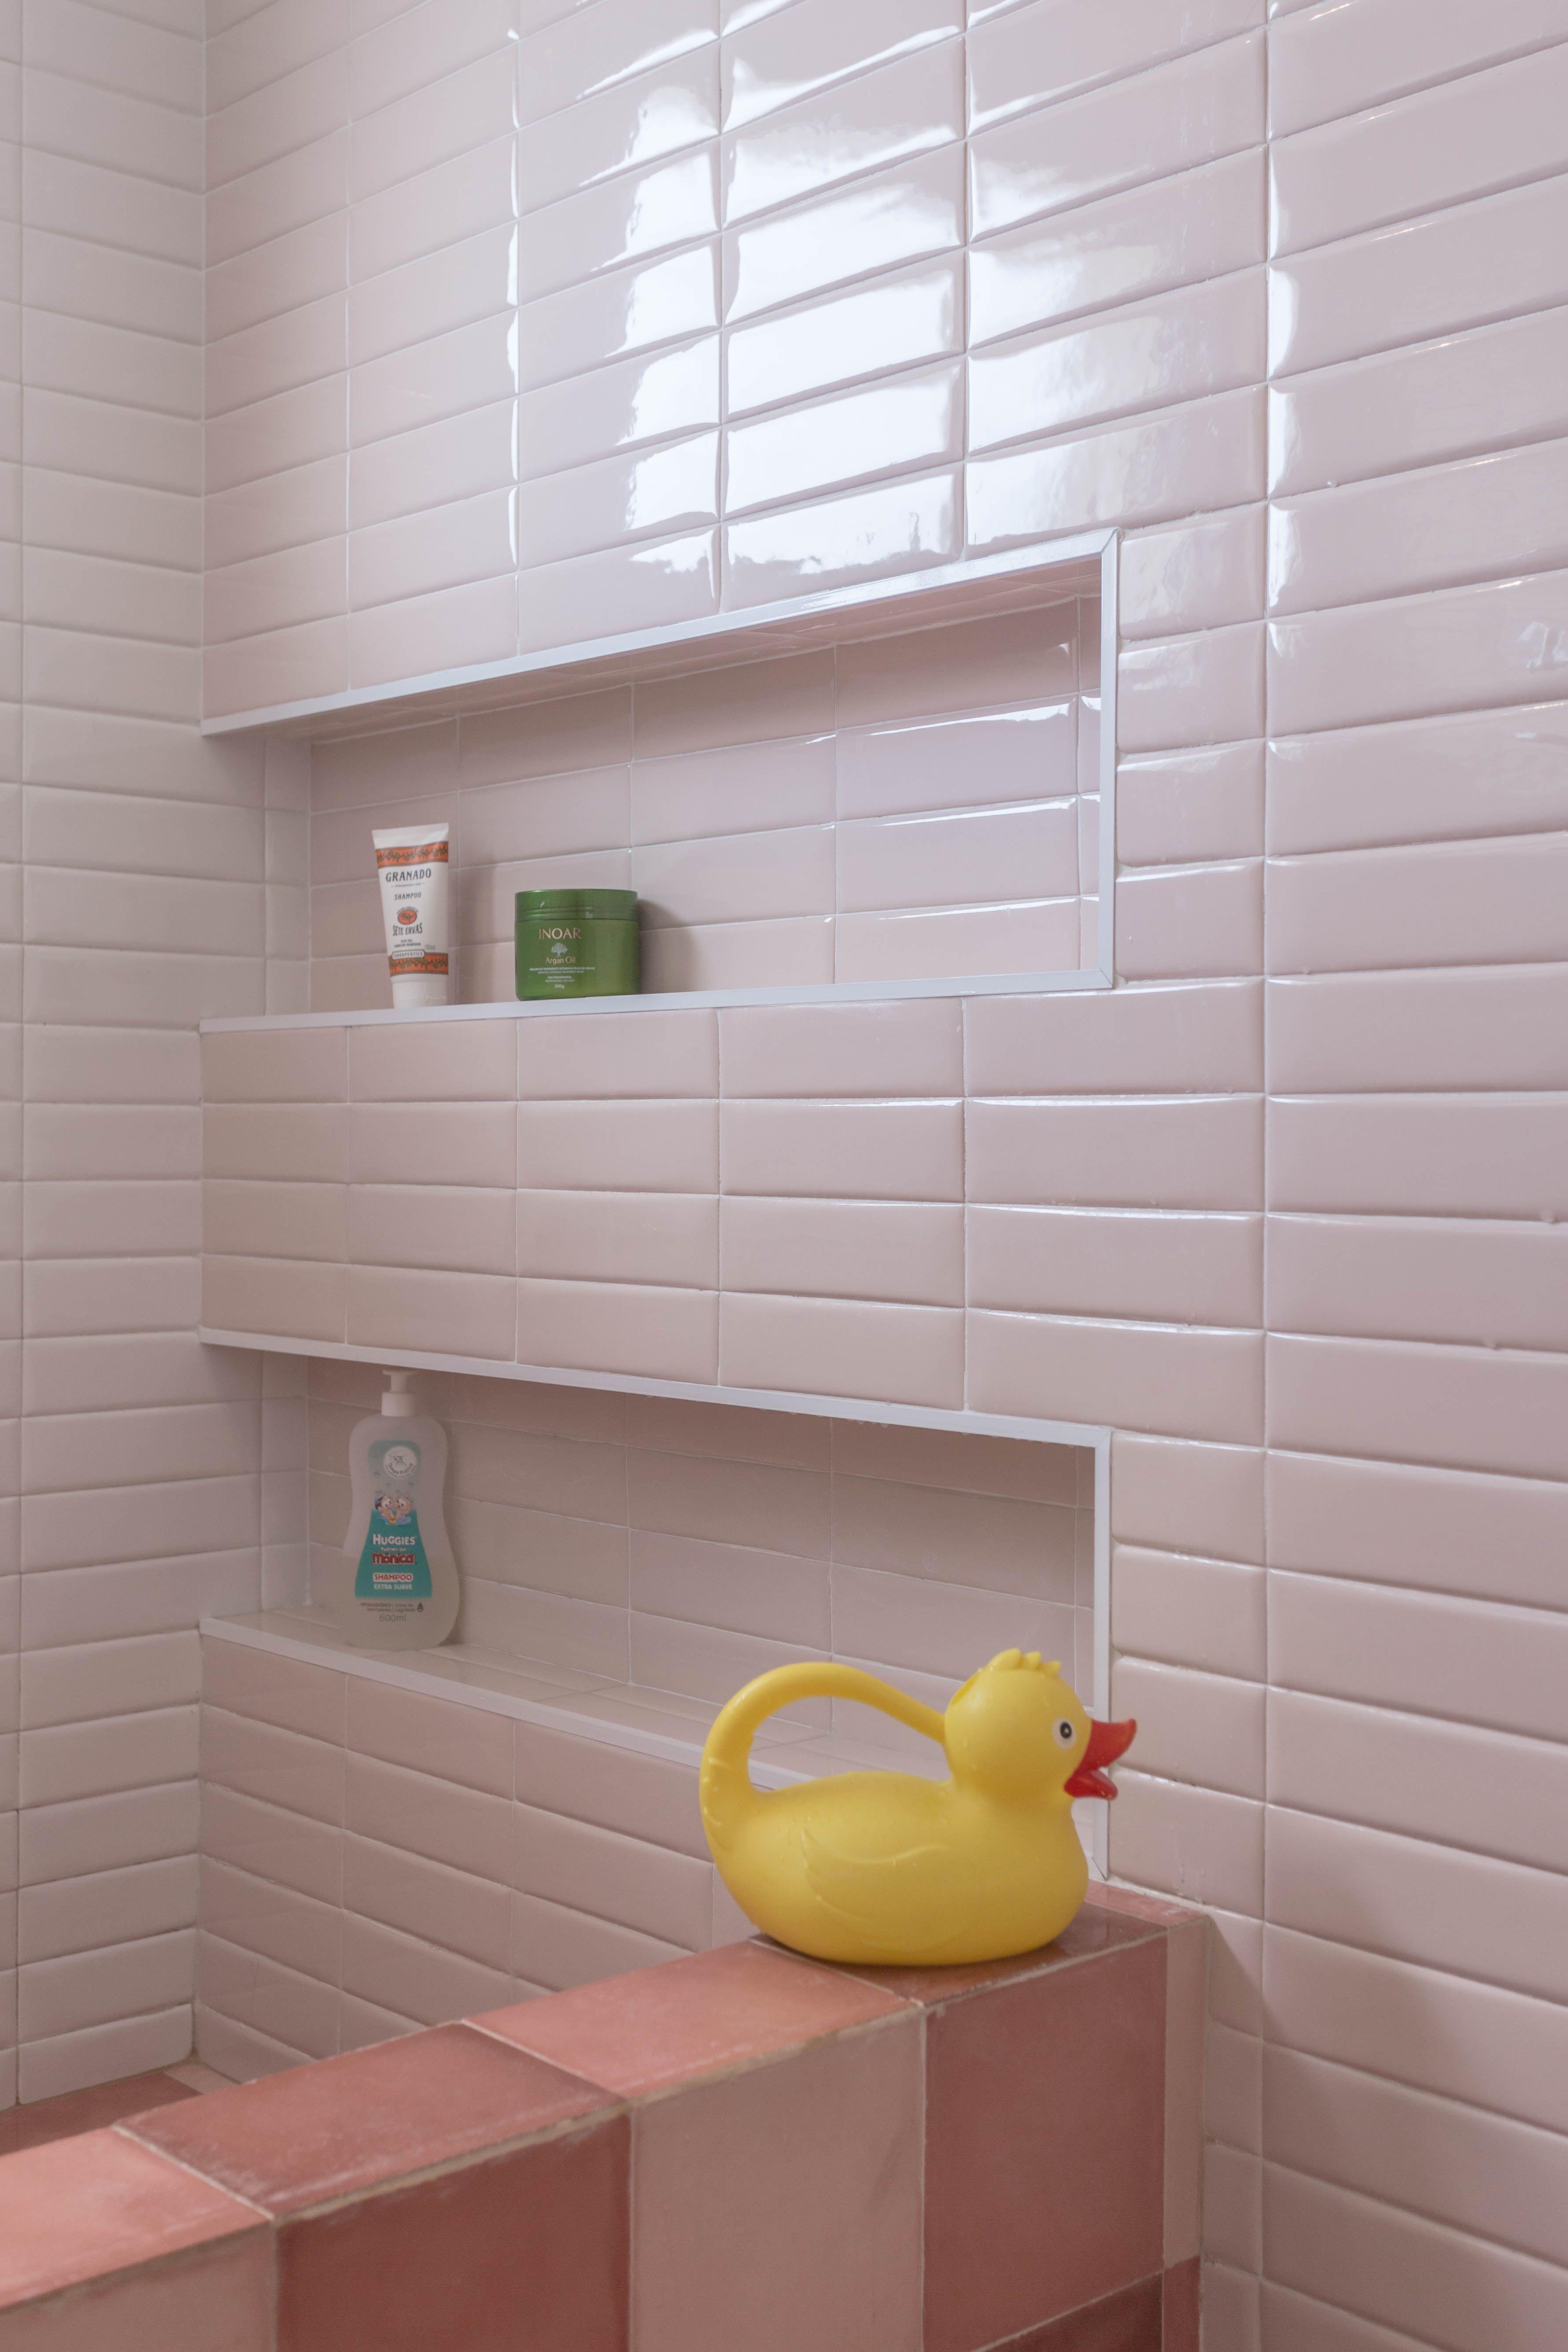 Banheiro De Casal Com Piso De Ladrilho Hidraulico Em Xadrez Em Tons De Rosa E Parede Revestida De Liverpool Porto Banheiro Banheiro Pequeno Parede De Banheiro